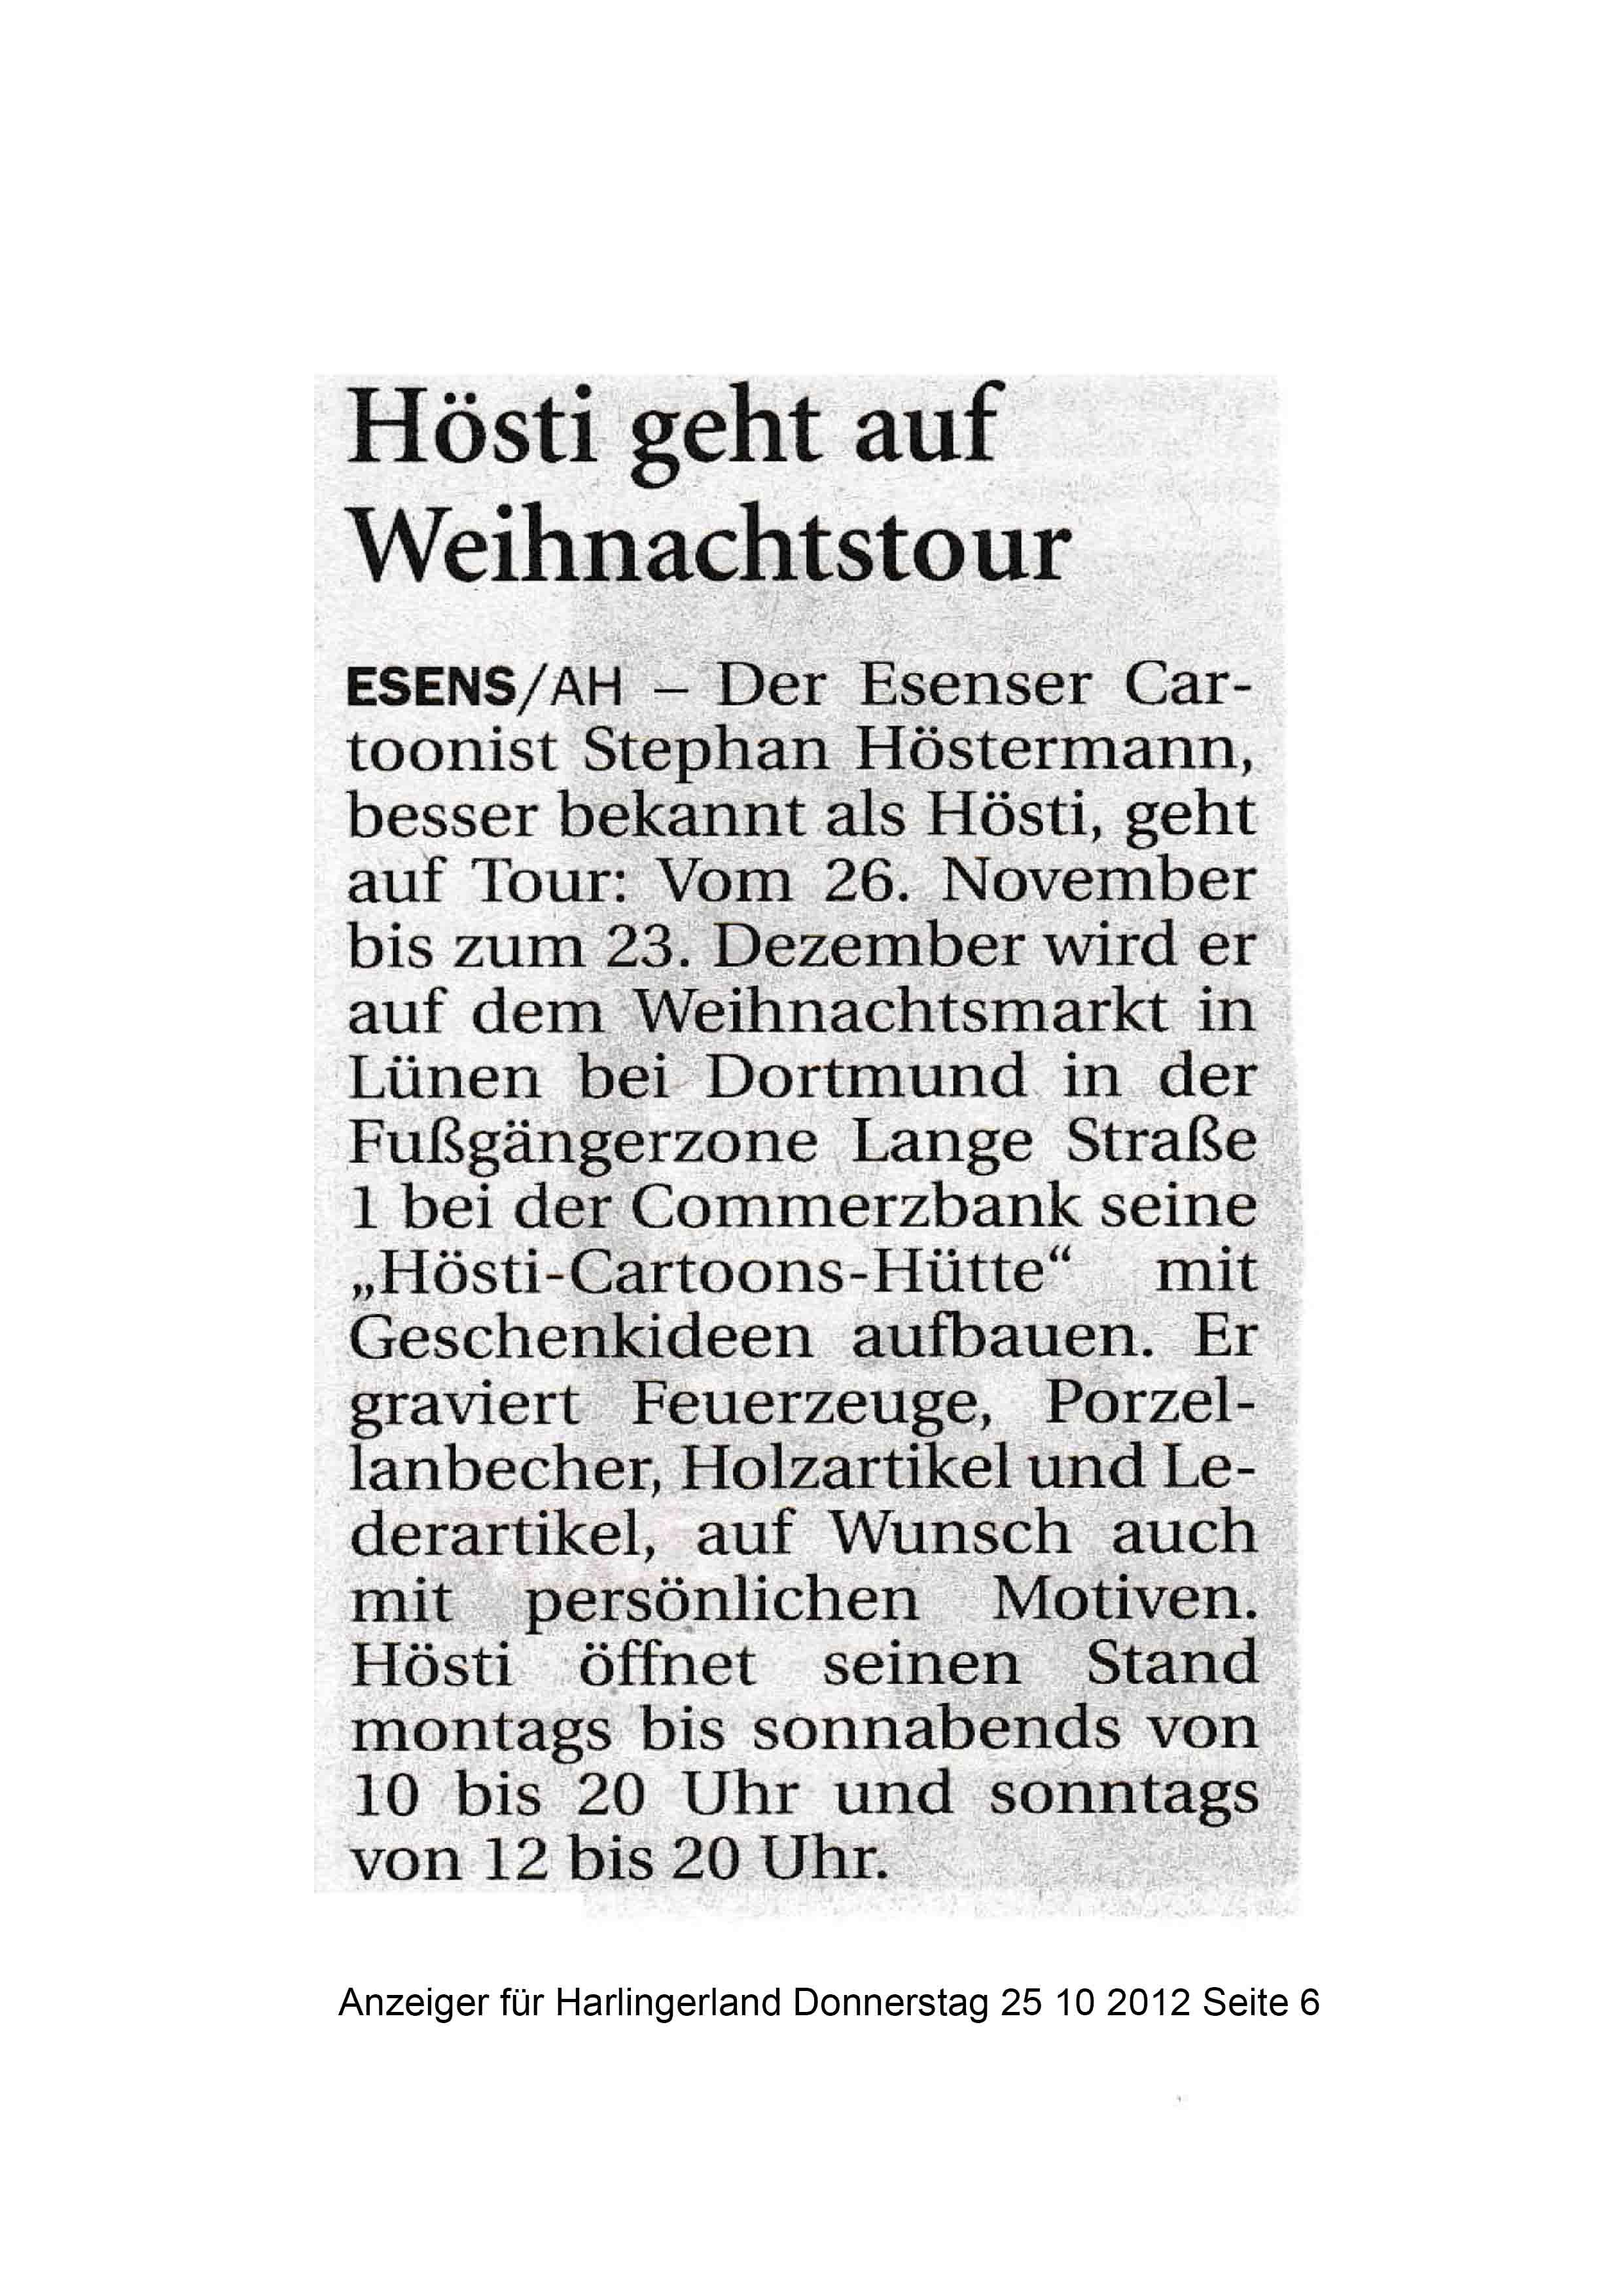 Anzeiger für Harlingerland Donnerstag 25 10 2012 Seite 6